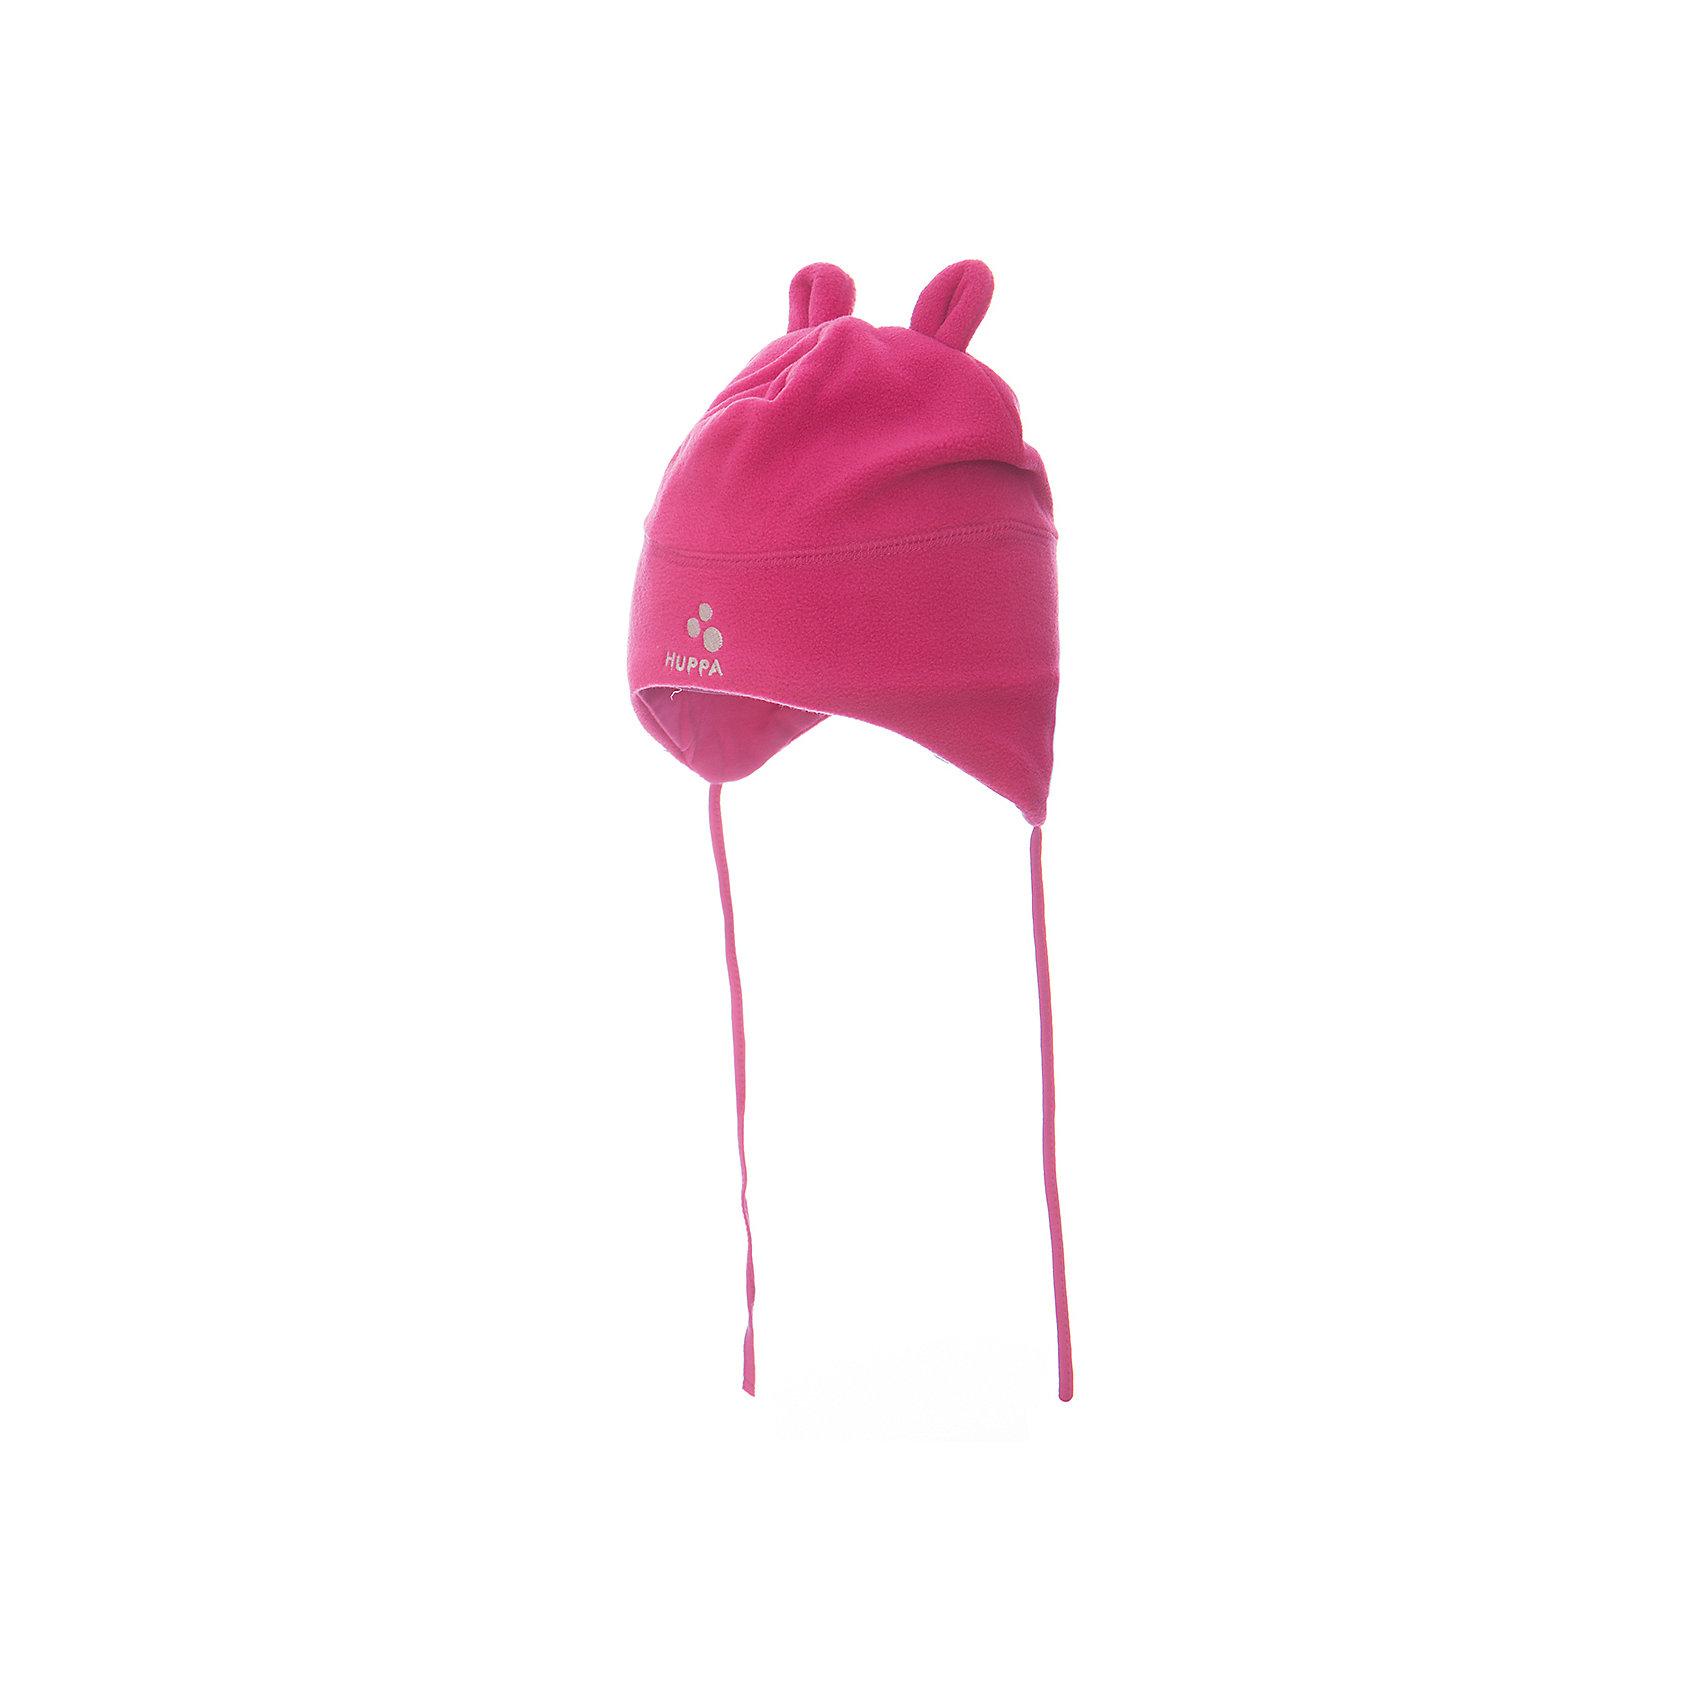 Флисовая шапка Huppa WinnieШапочки<br>Характеристики товара:<br><br>• цвет: розовый<br>• состав: 100% полиэстер (флис), подкладка - 100% хлопок<br>• температурный режим: от 0°С до +10°С<br>• завязки<br>• ушки<br>• можно надевать под капюшон<br>• декорирована вышивкой с логотипом<br>• комфортная посадка<br>• мягкий материал<br>• страна бренда: Эстония<br><br>Эта шапка обеспечит малышам тепло и комфорт. Она сделана из приятного на ощупь материала с мягким ворсом, поэтому изделие не колется и не натирает. Подкладка выполнена из дышащего и гипоаллергенного хлопка. Шапка очень симпатично смотрится, а дизайн и отделка добавляют ей оригинальности. Модель была разработана специально для малышей.<br><br>Одежда и обувь от популярного эстонского бренда Huppa - отличный вариант одеть ребенка можно и комфортно. Вещи, выпускаемые компанией, качественные, продуманные и очень удобные. Для производства изделий используются только безопасные для детей материалы. Продукция от Huppa порадует и детей, и их родителей!<br><br>Шапку для девочки от бренда Huppa (Хуппа) можно купить в нашем интернет-магазине.<br><br>Ширина мм: 89<br>Глубина мм: 117<br>Высота мм: 44<br>Вес г: 155<br>Цвет: розовый<br>Возраст от месяцев: 0<br>Возраст до месяцев: 6<br>Пол: Женский<br>Возраст: Детский<br>Размер: 39-41,47-49,43-45<br>SKU: 4041690